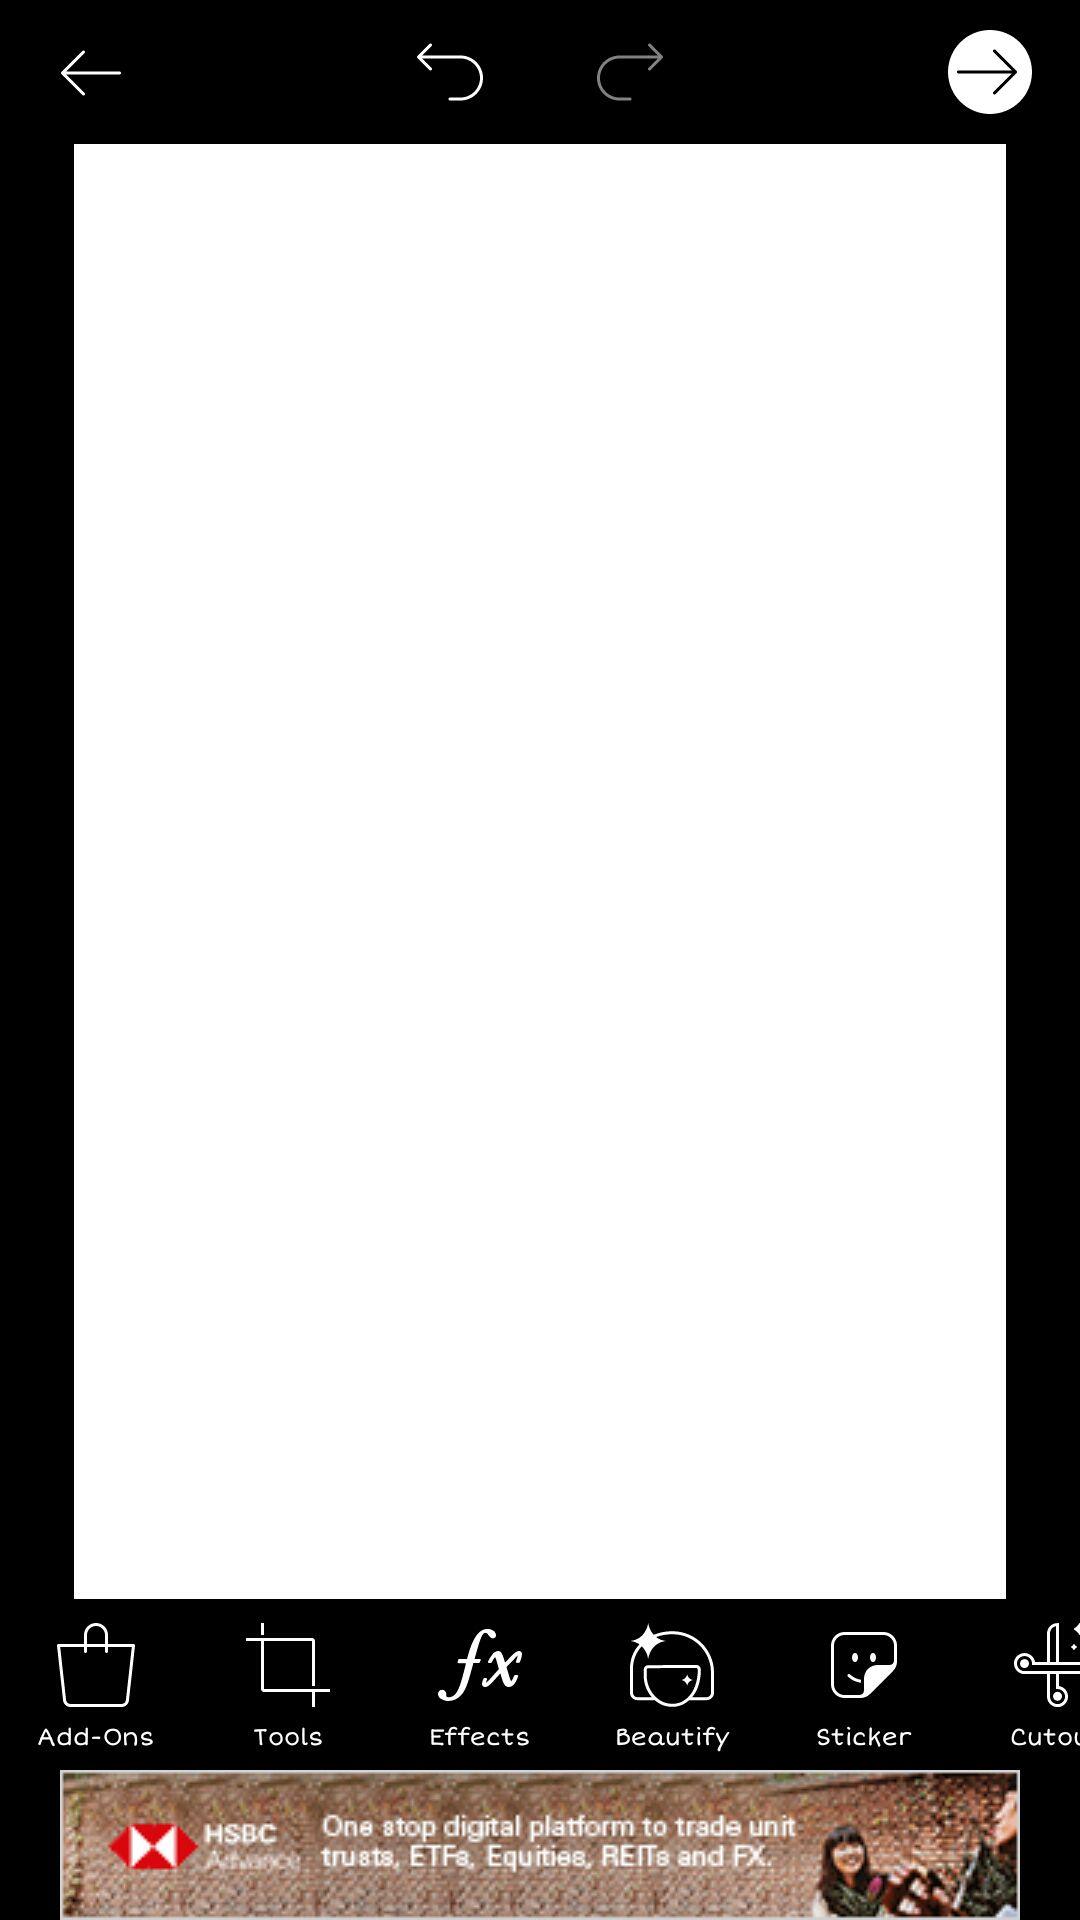 wAttPAd nOTes - BOOK COVER SIZE (Picsart) - Wattpad